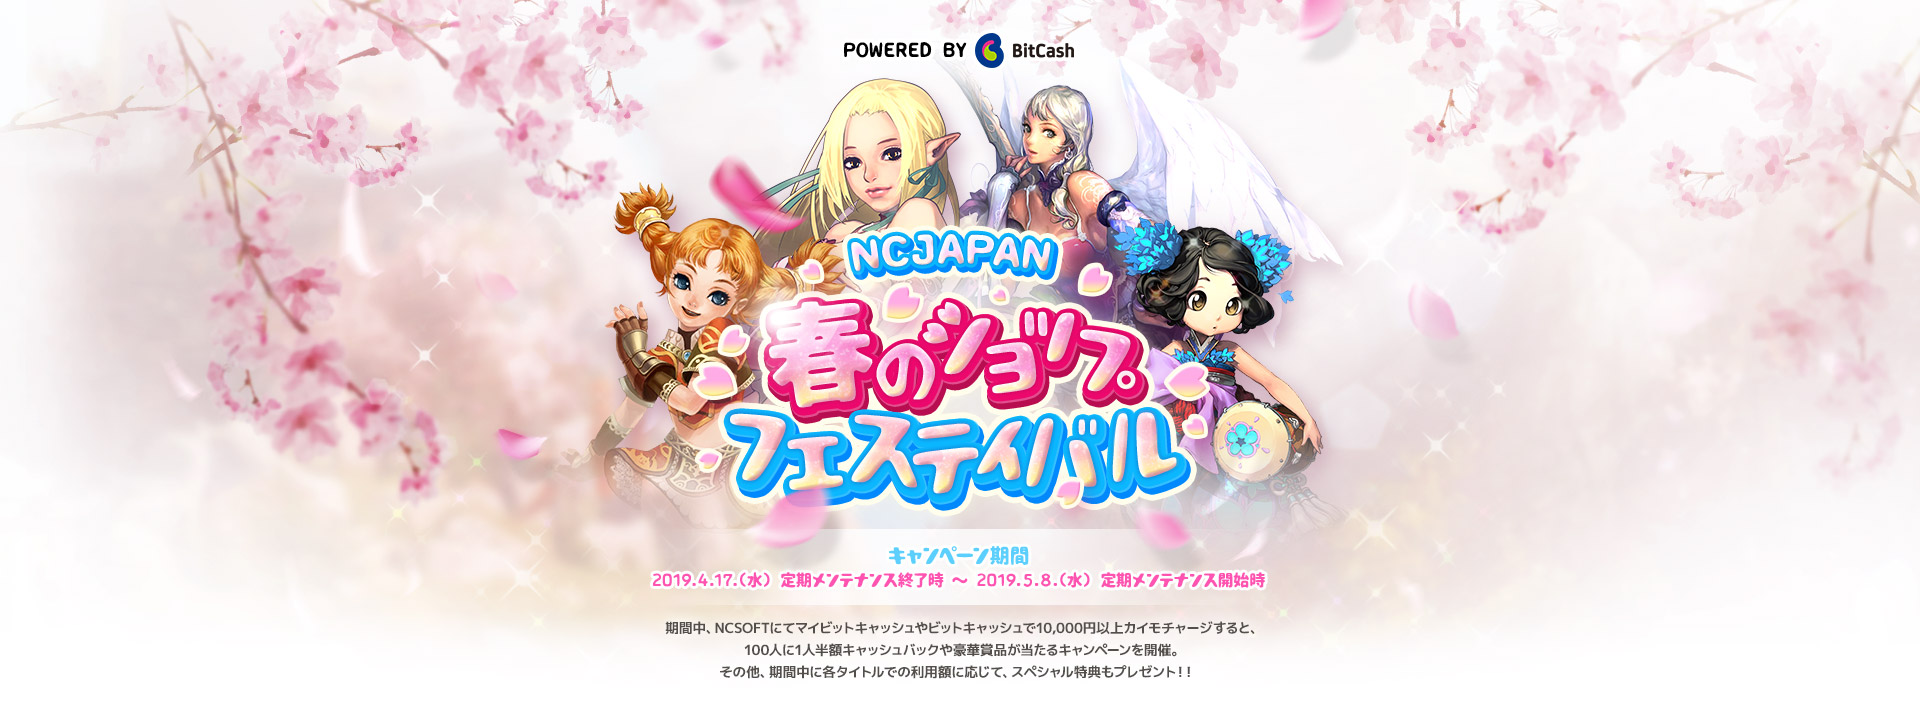 NCJAPAN春のショップ フェスティバル